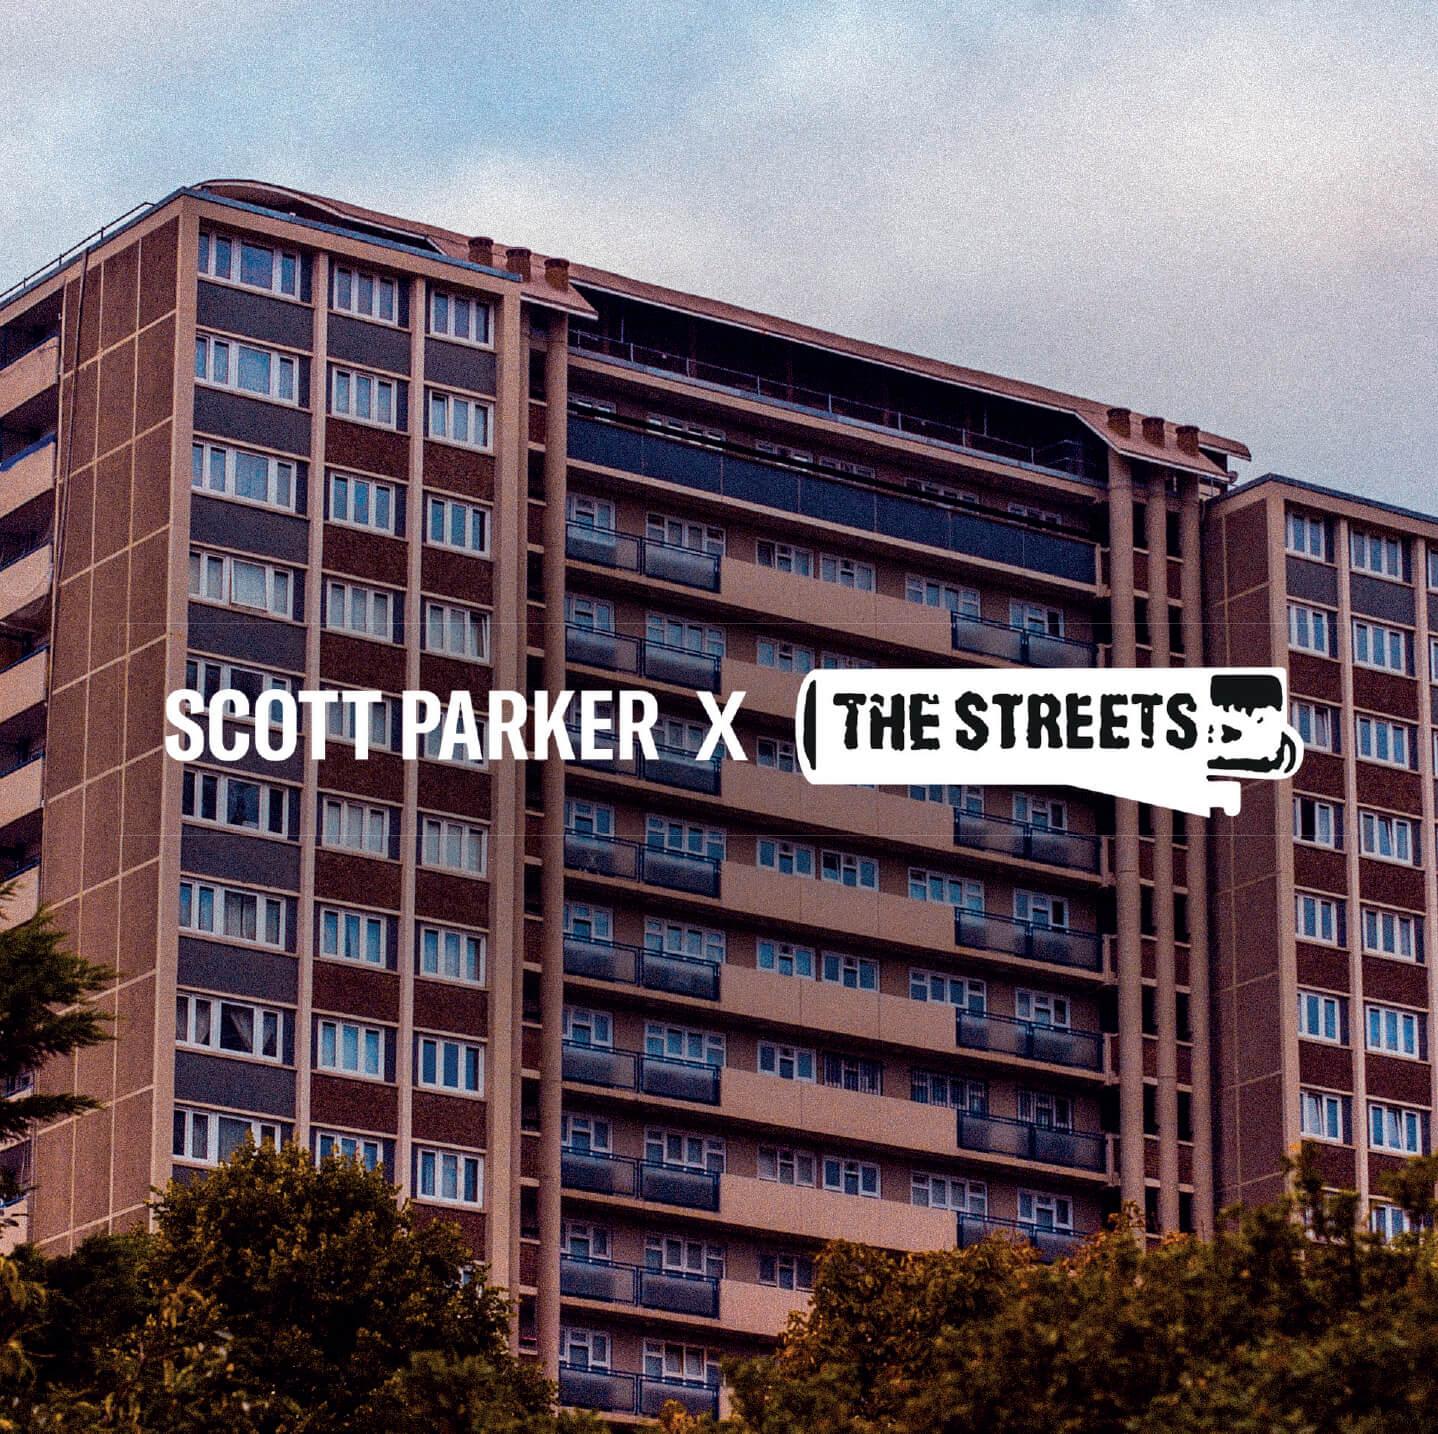 SPxSTREETS_CDBOOK_WIP_5.indd